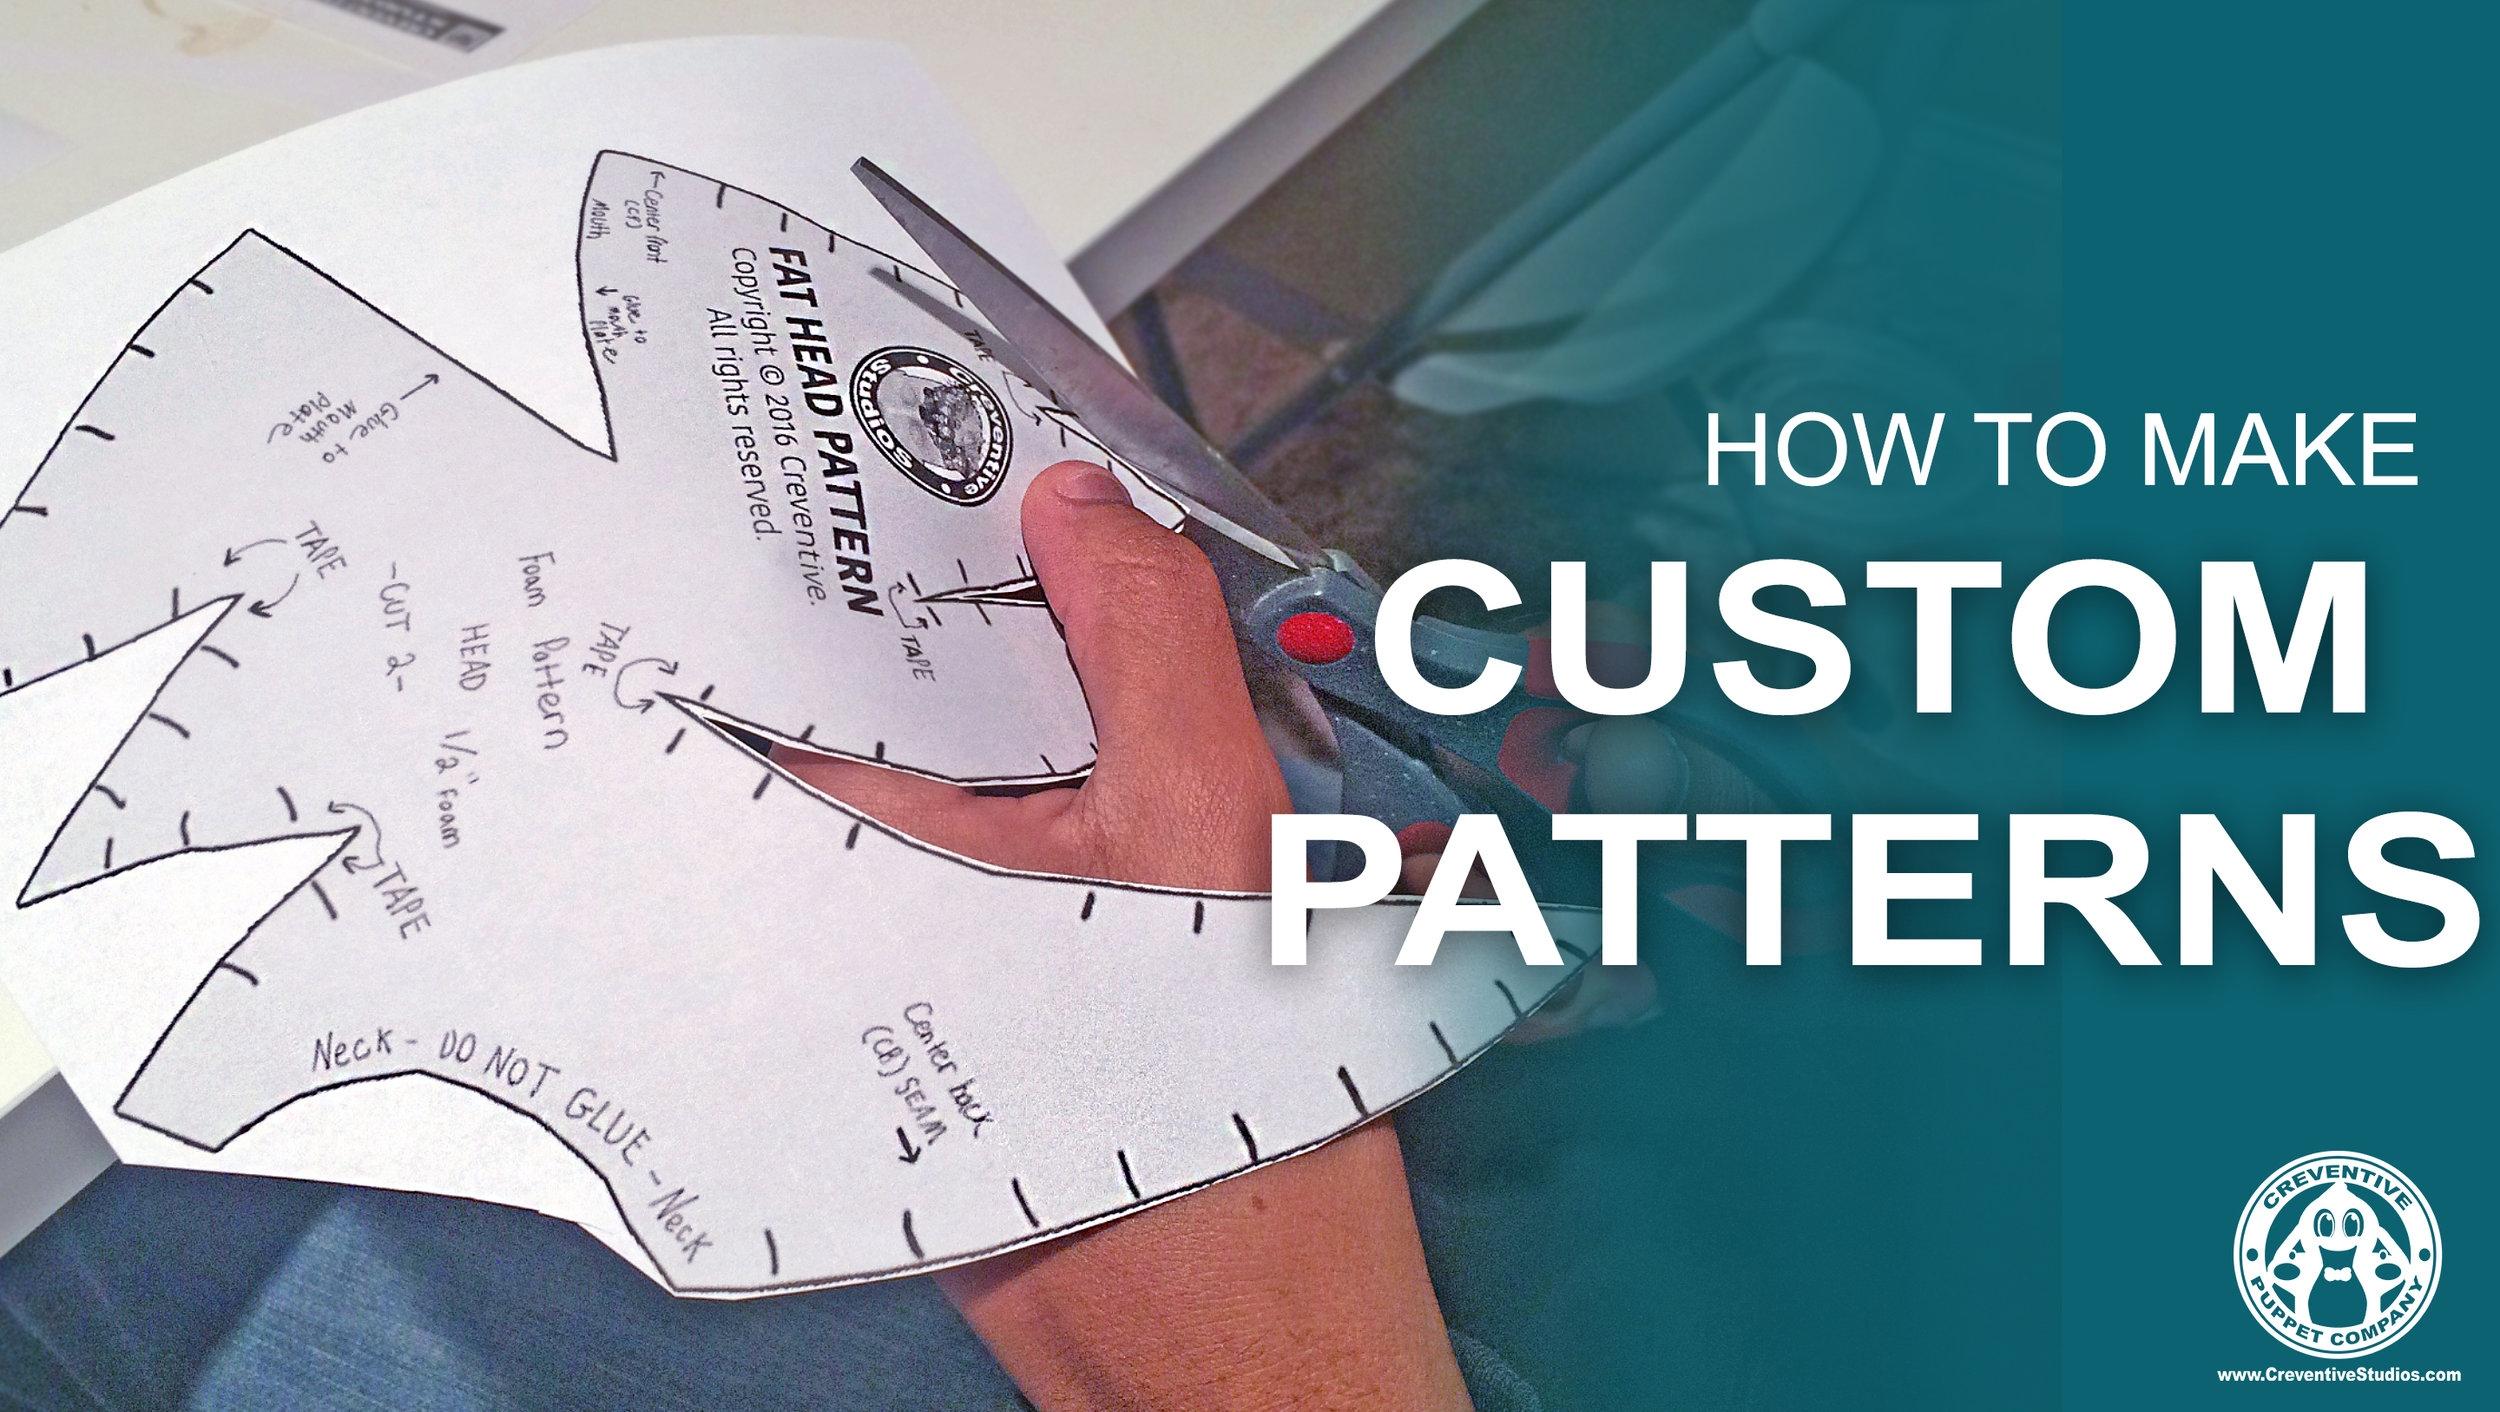 Custom_Patterning_Banner.jpg